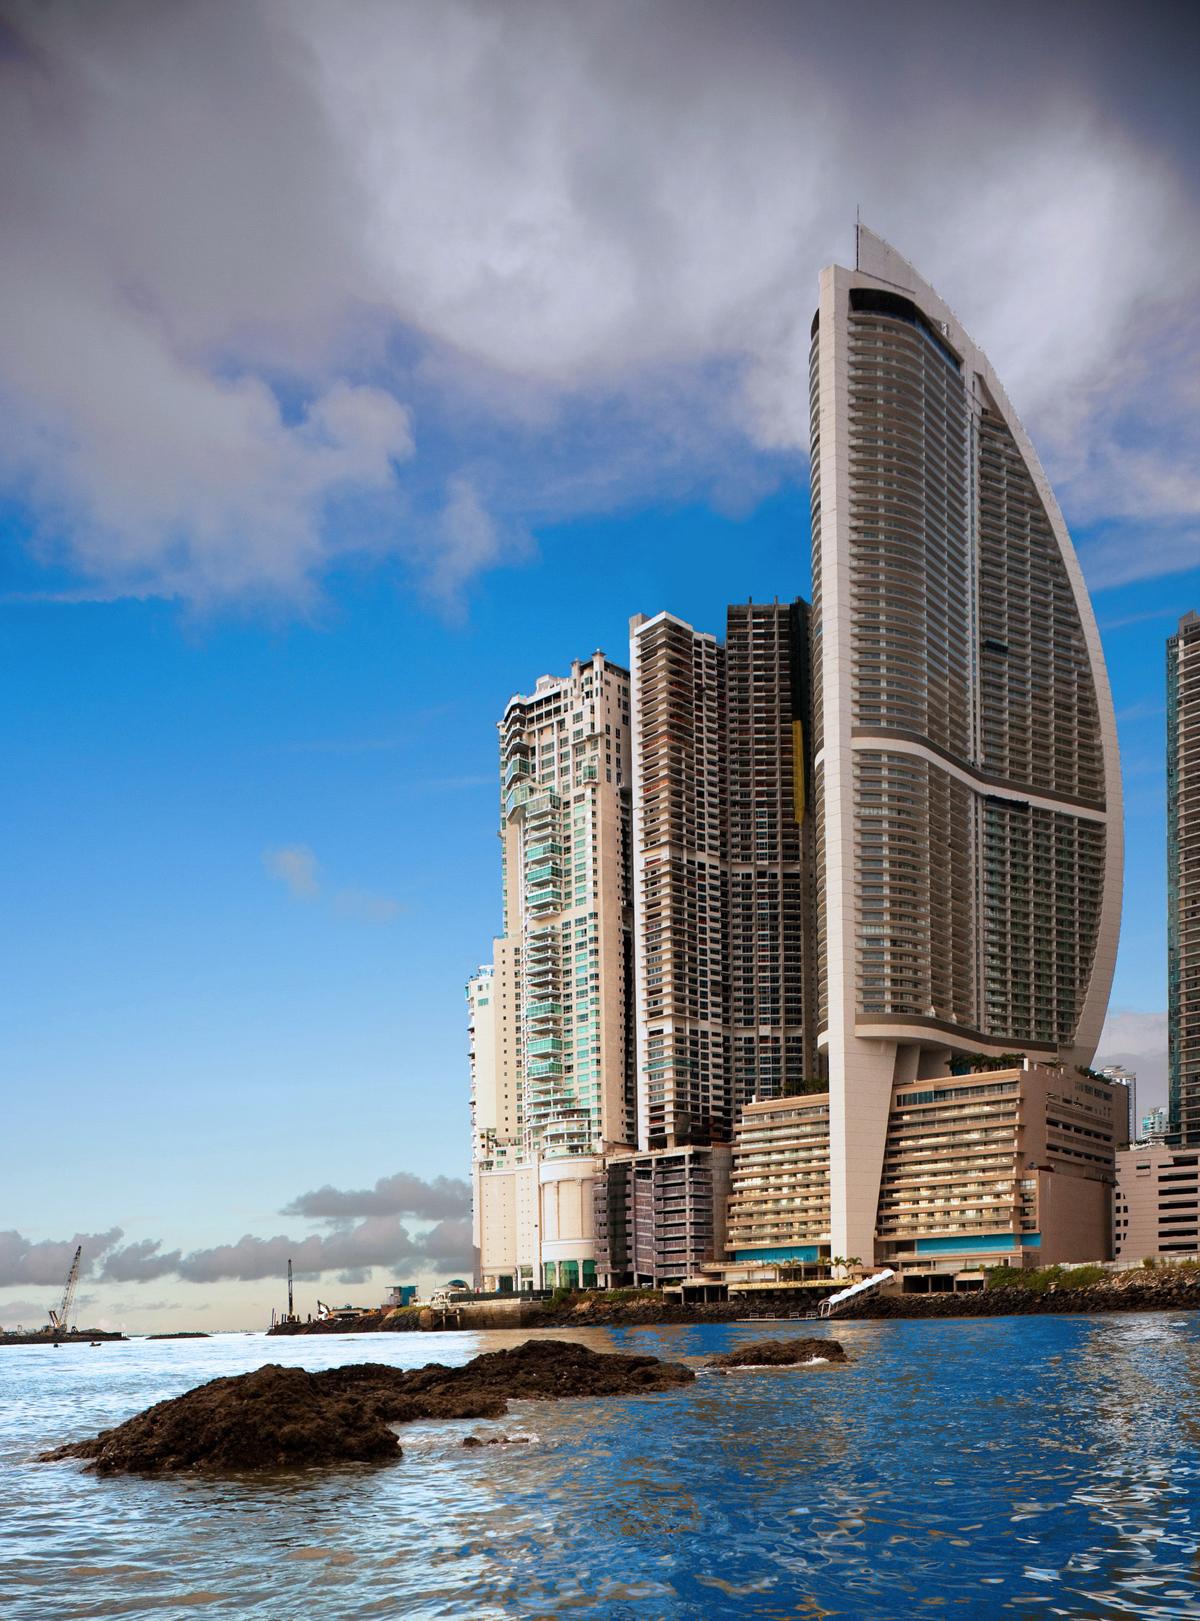 Hyatt Hotel Panama City Beach Florida The Best Beaches In World